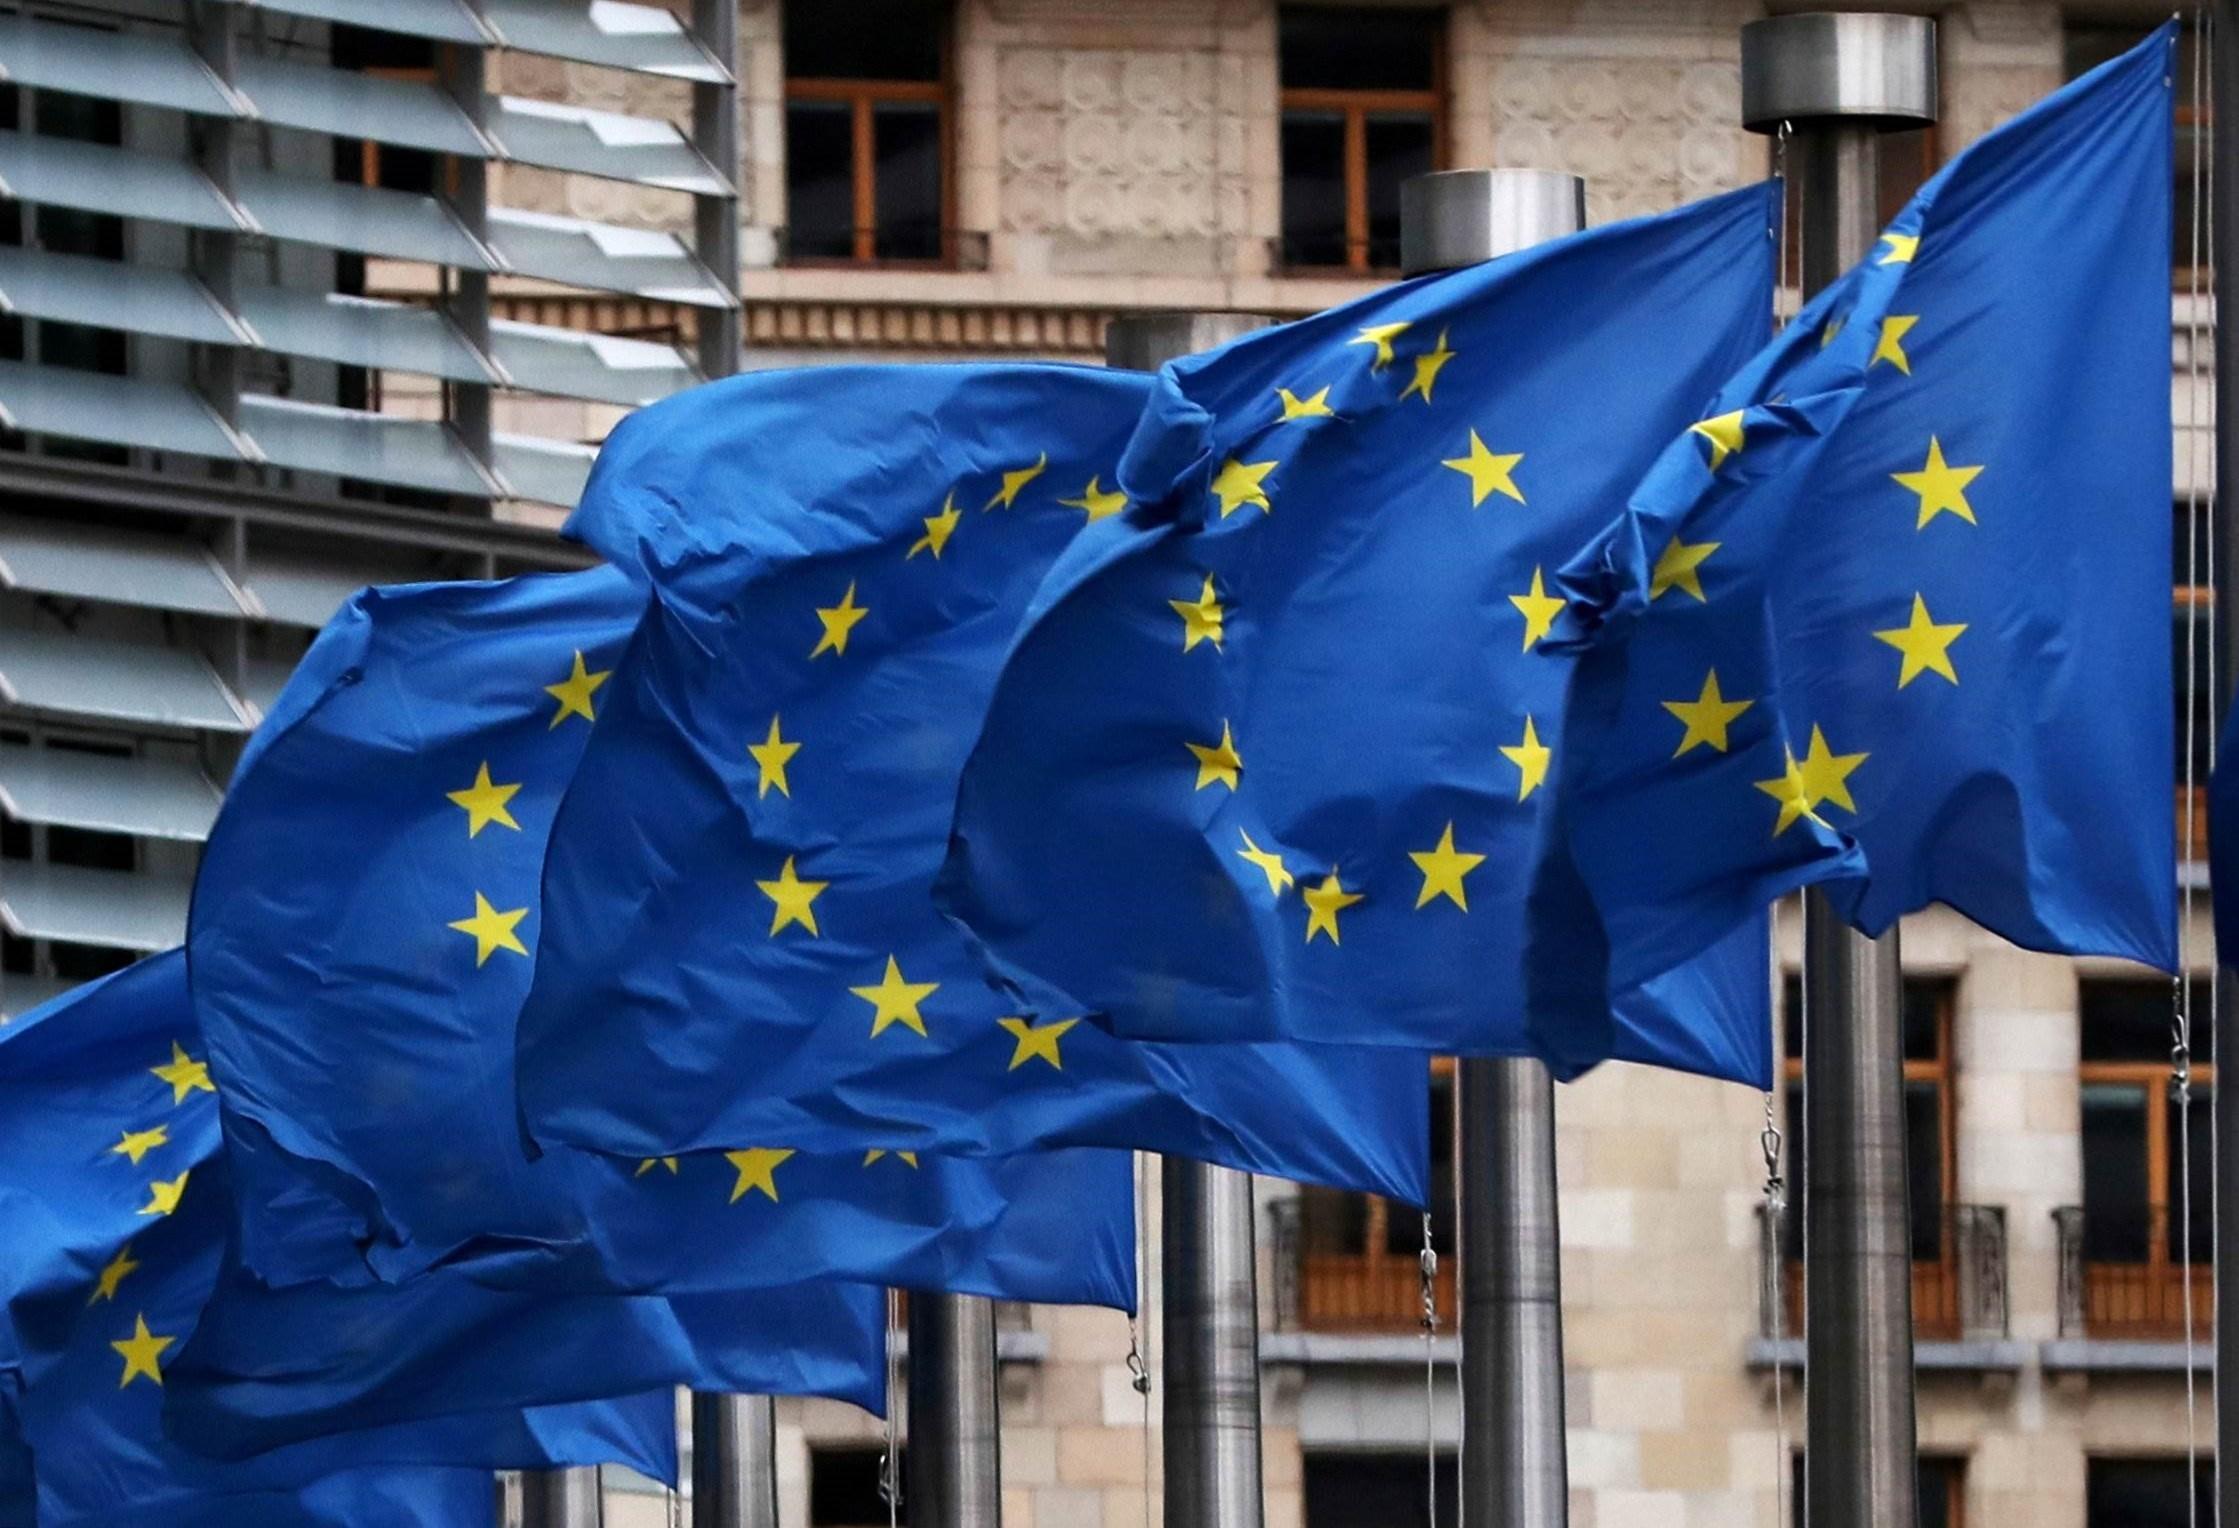 الاتحاد الأوروبي لن يحضر مؤتمر دمشق حول اللاجئين